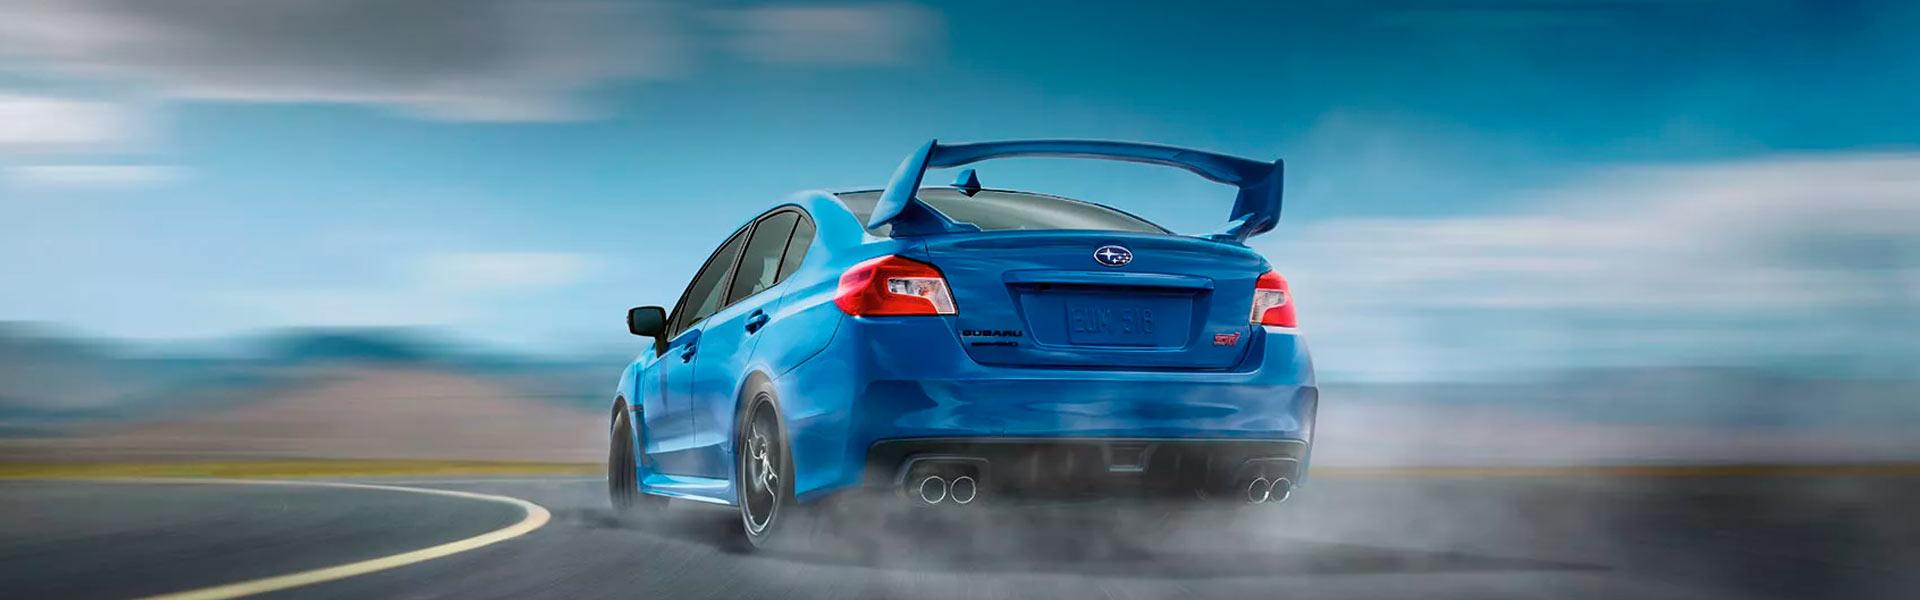 Наконечник рулевой тяги на Subaru Impreza